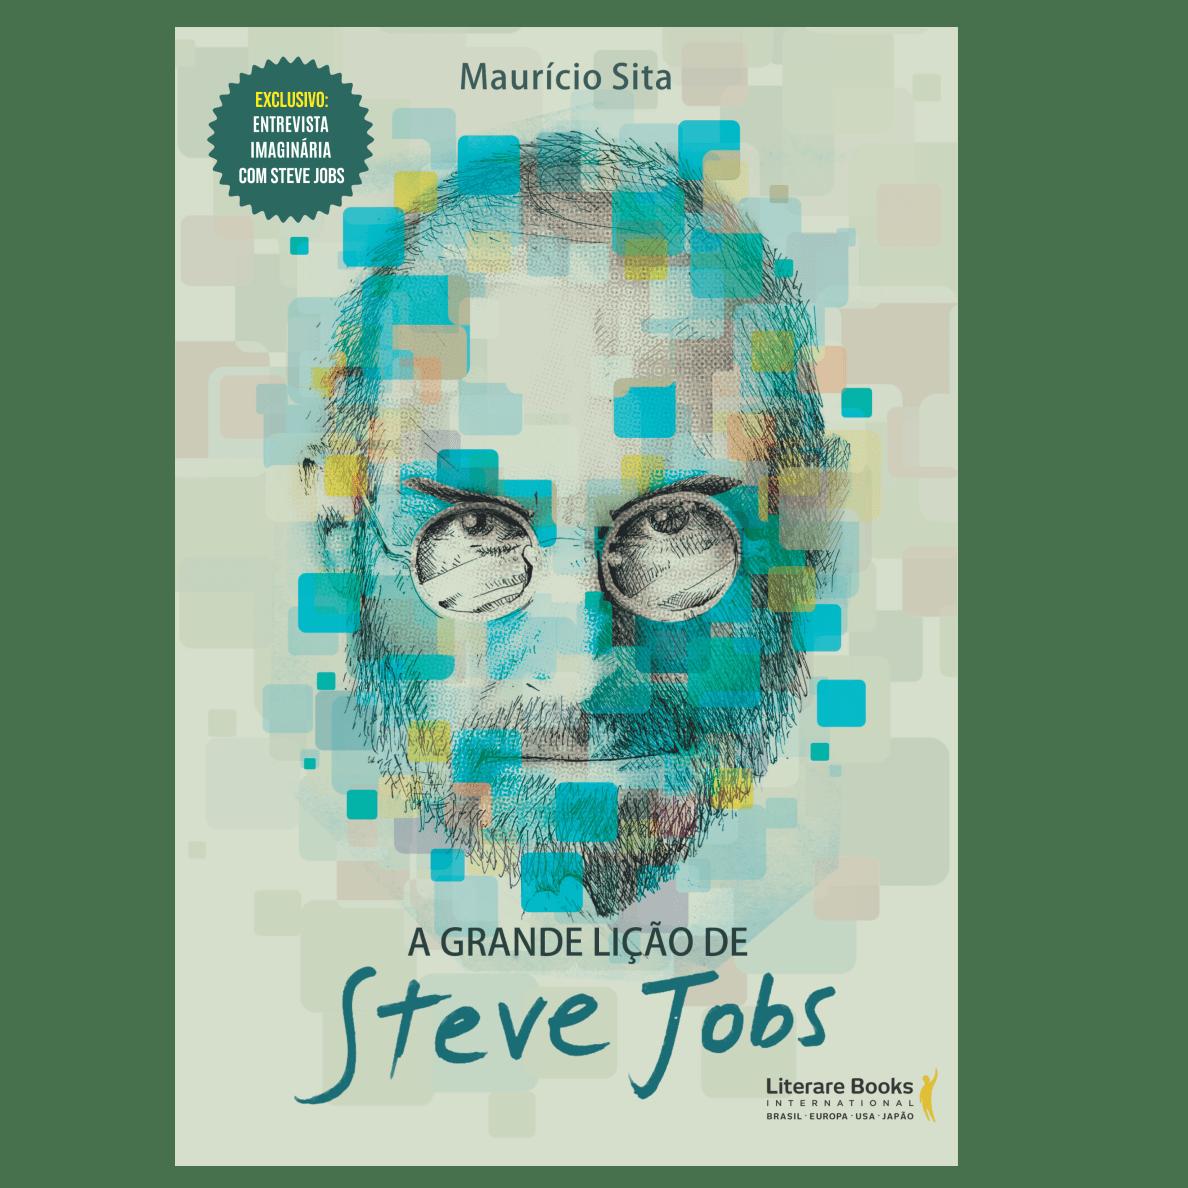 A grande lição de Steve Jobs